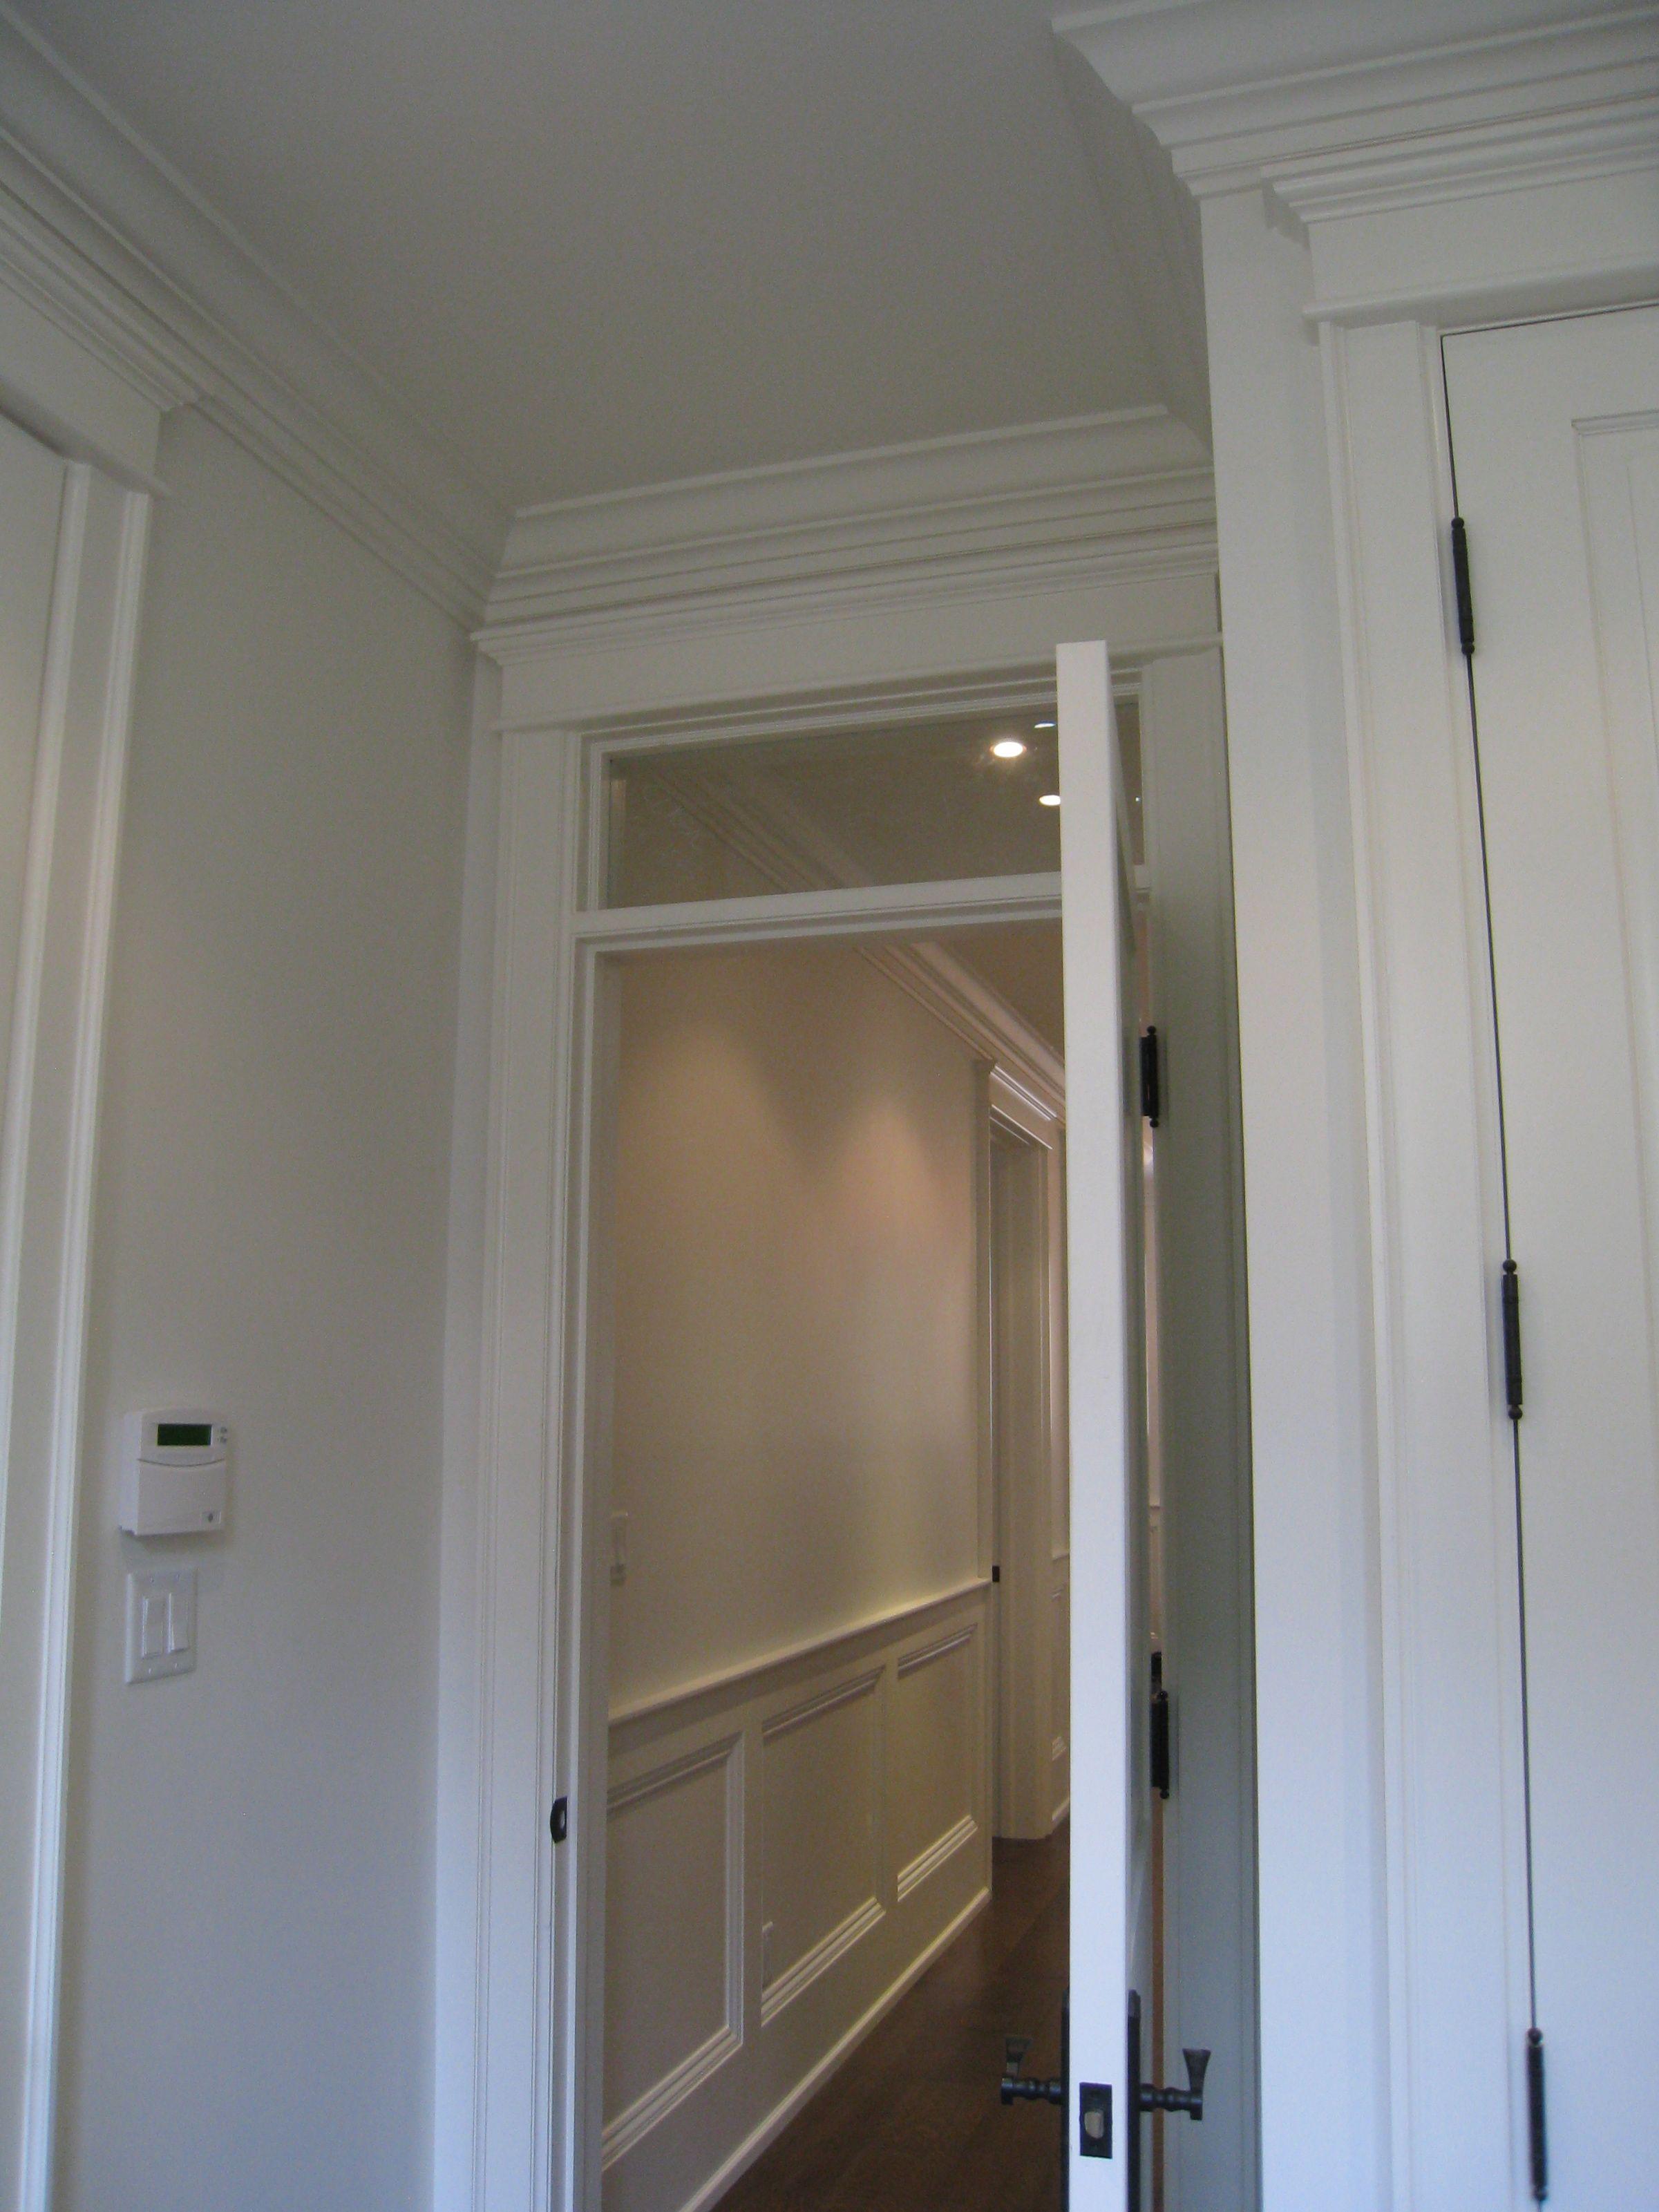 Transom Window Above Interior Door Interior Railings Interior